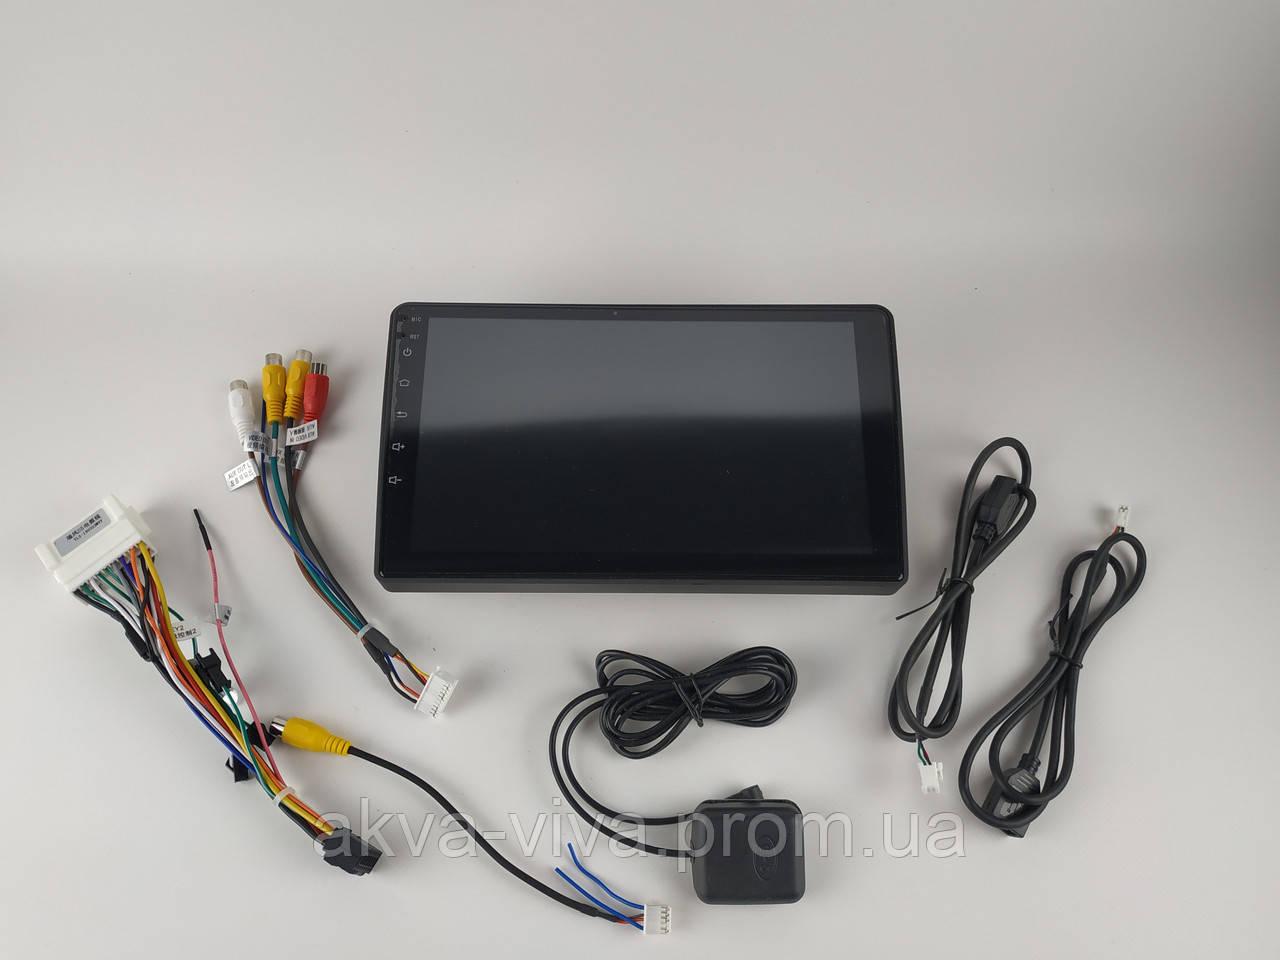 Штатная автомагнитола Hyundai Elantra 2004-2011 на Android с хорошей звуковой настройкой (М-ХЕлС-9)